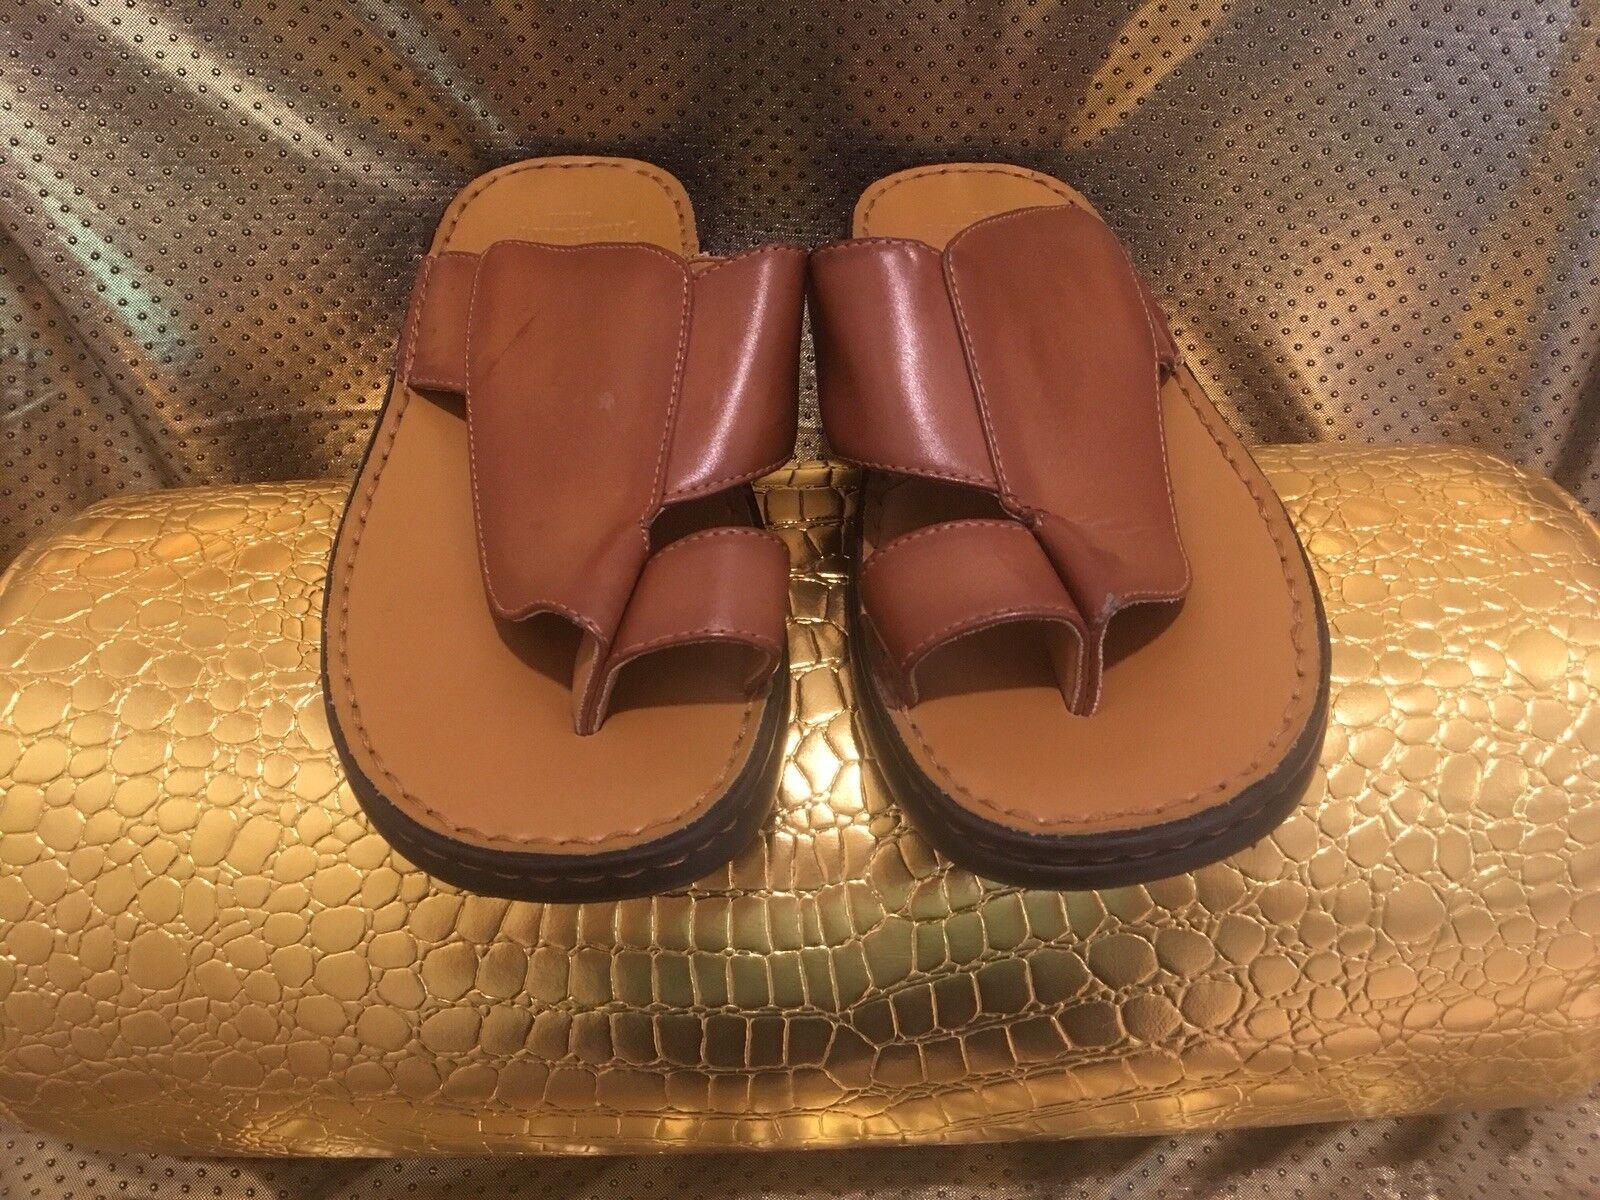 Anthino Giano Luz Suave Medical menthong Sandalias Talla 42 zapatos hechos a mano